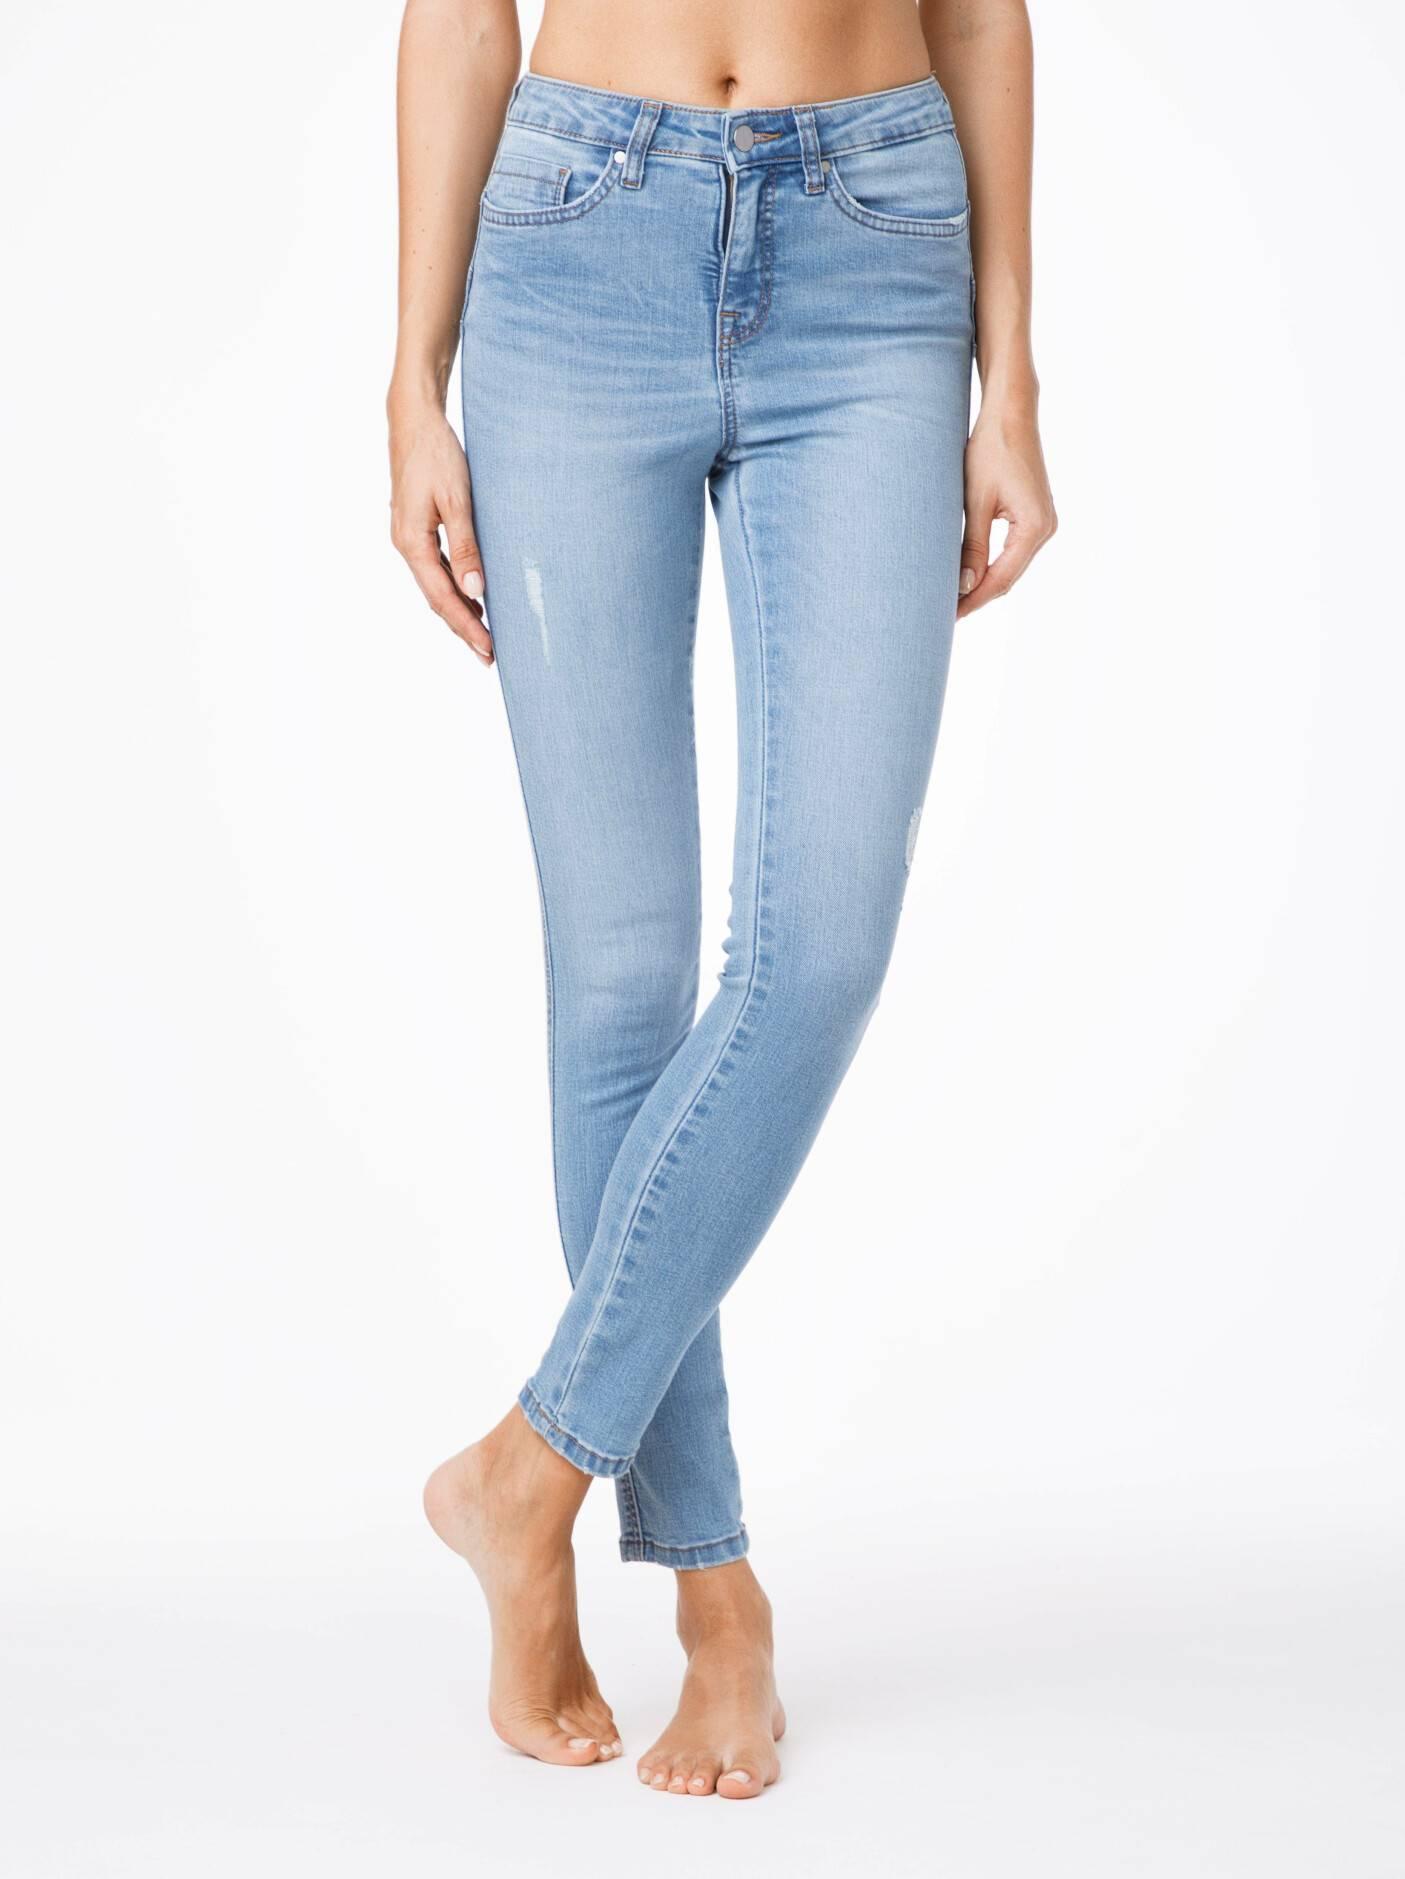 2235fab05be джинсы женские моделирующие моделирующие джинсы PUSH UP с высокой посадкой  CON-42